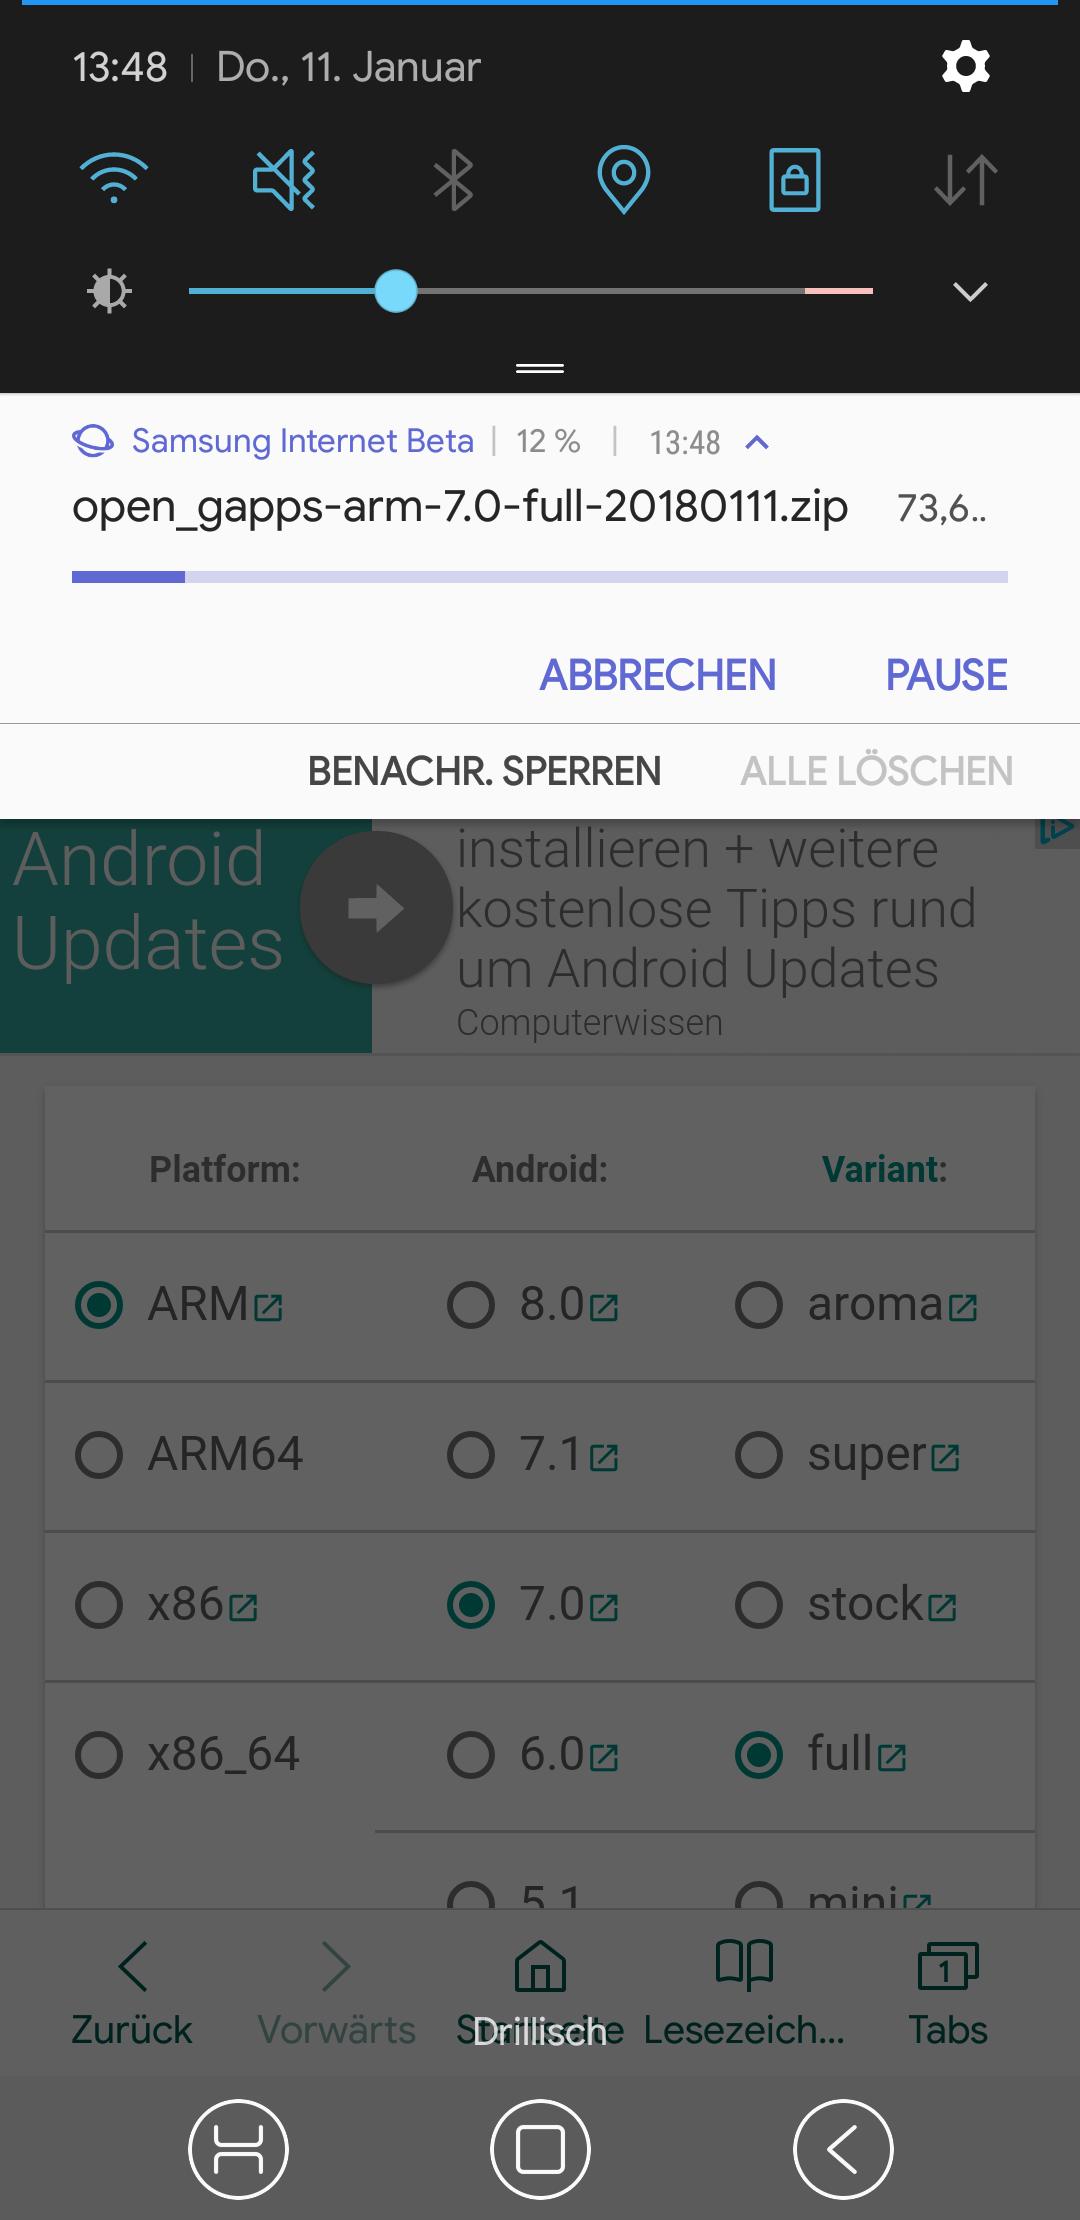 Samsung Internet Beta v6.4 veröffentlicht, Game Recorder+ und ...